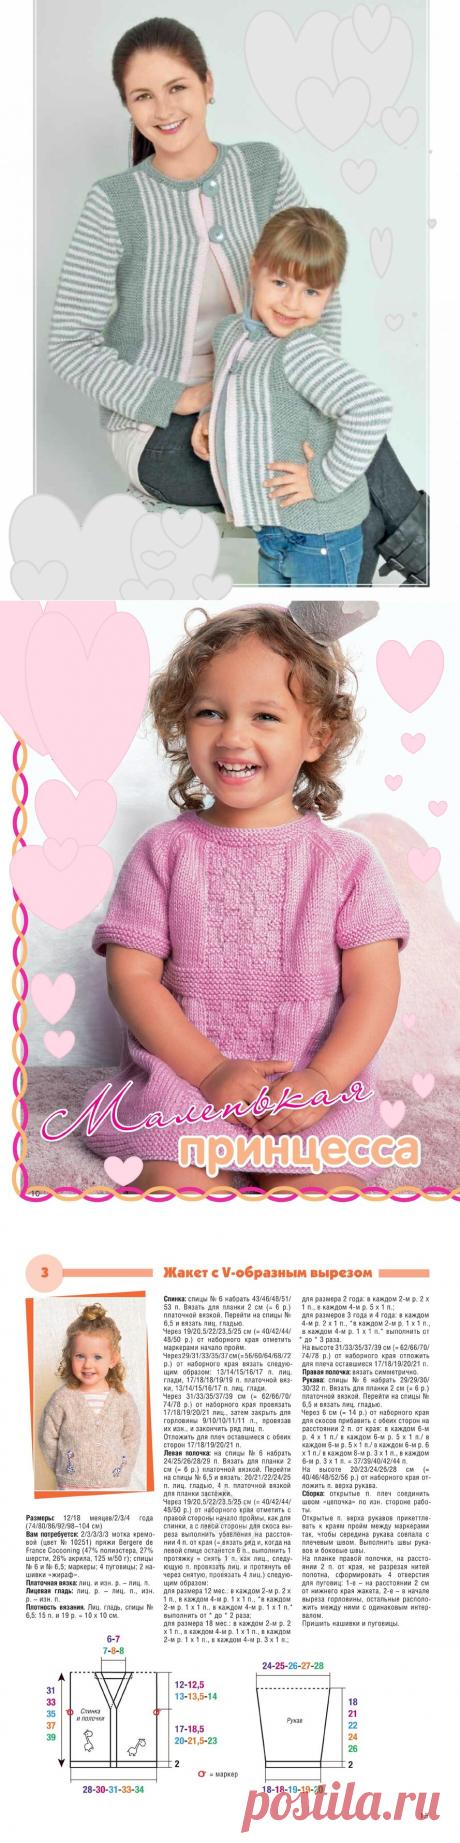 Стильные девочки в вязаных моделях . Вязаные модели спицами для девочек на возраст от 6 месяцев и старше. | Ирина СНежная & Вязание | Яндекс Дзен